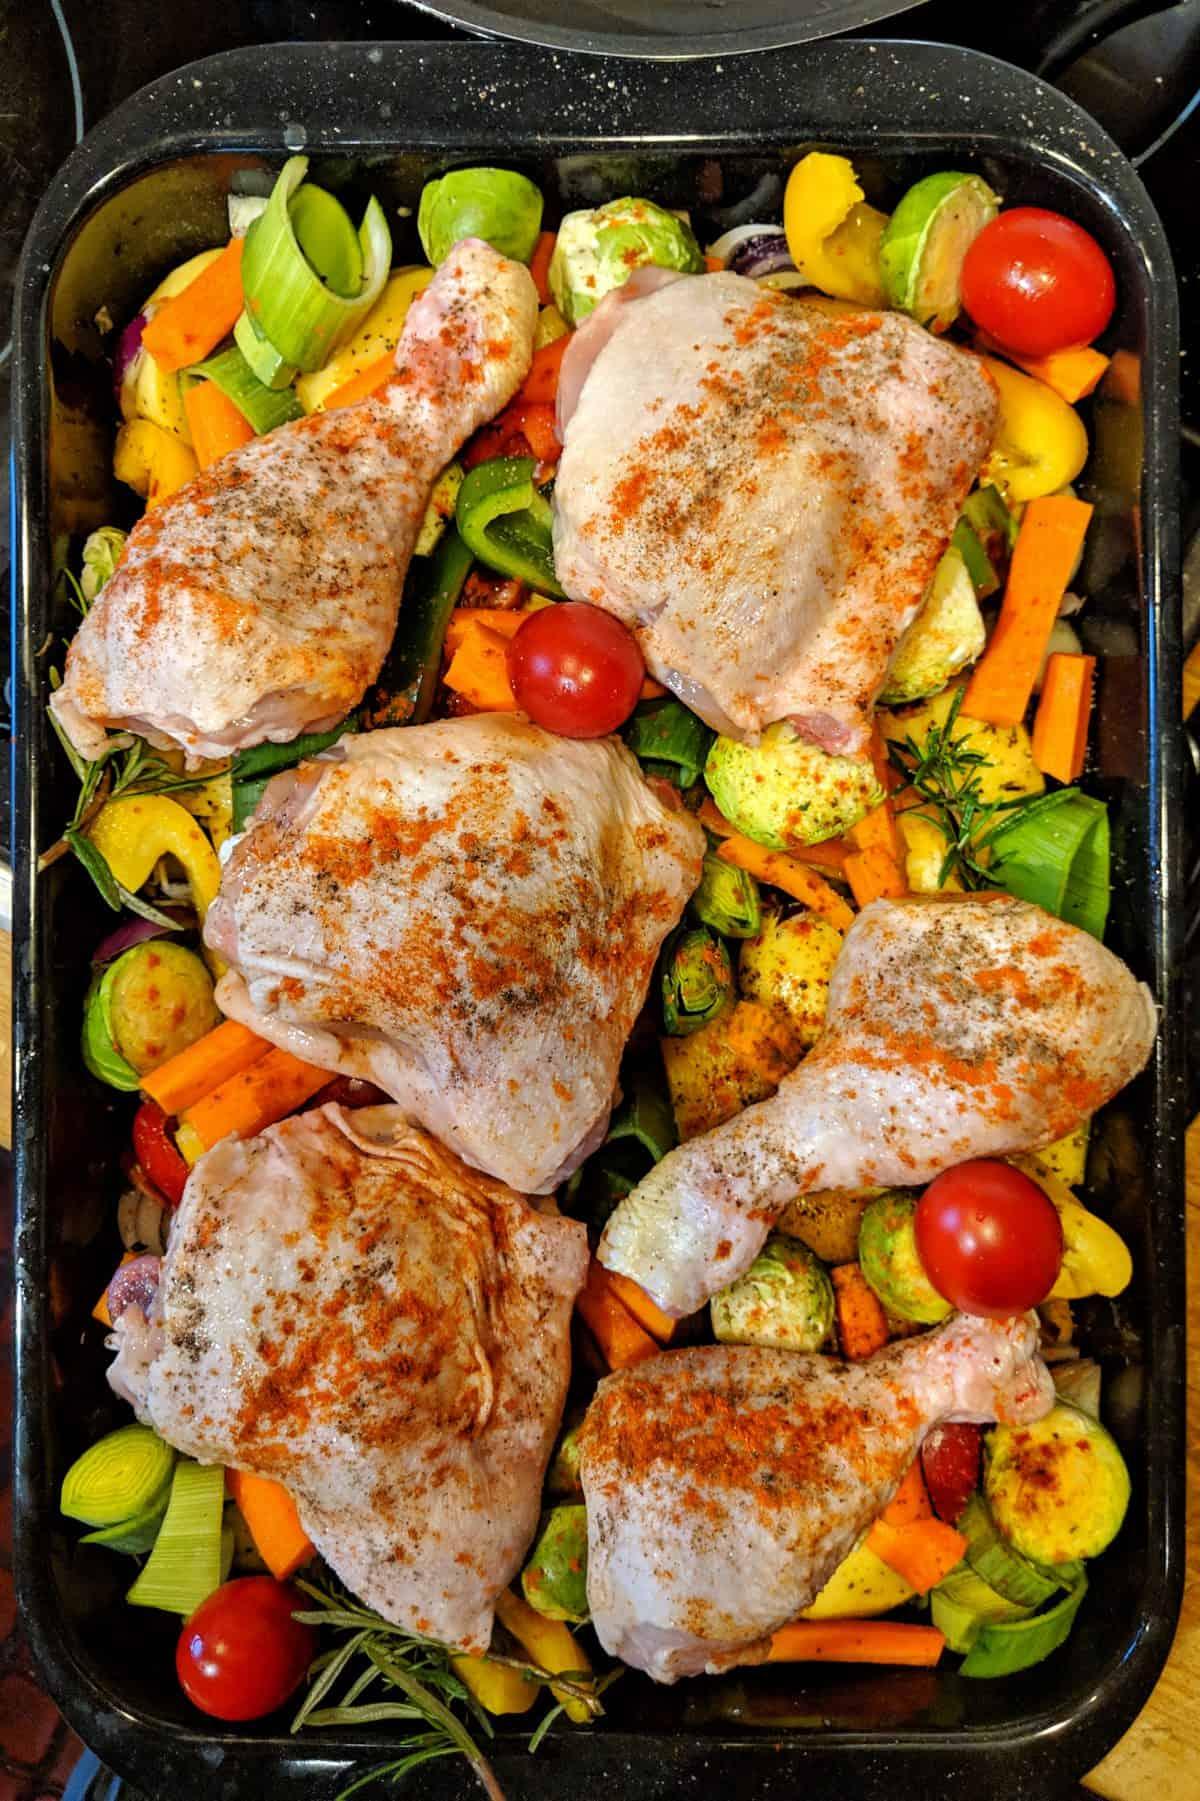 Eine Auflaufform mit Kartoffeln, Gemüse und Hähnchenteilen.